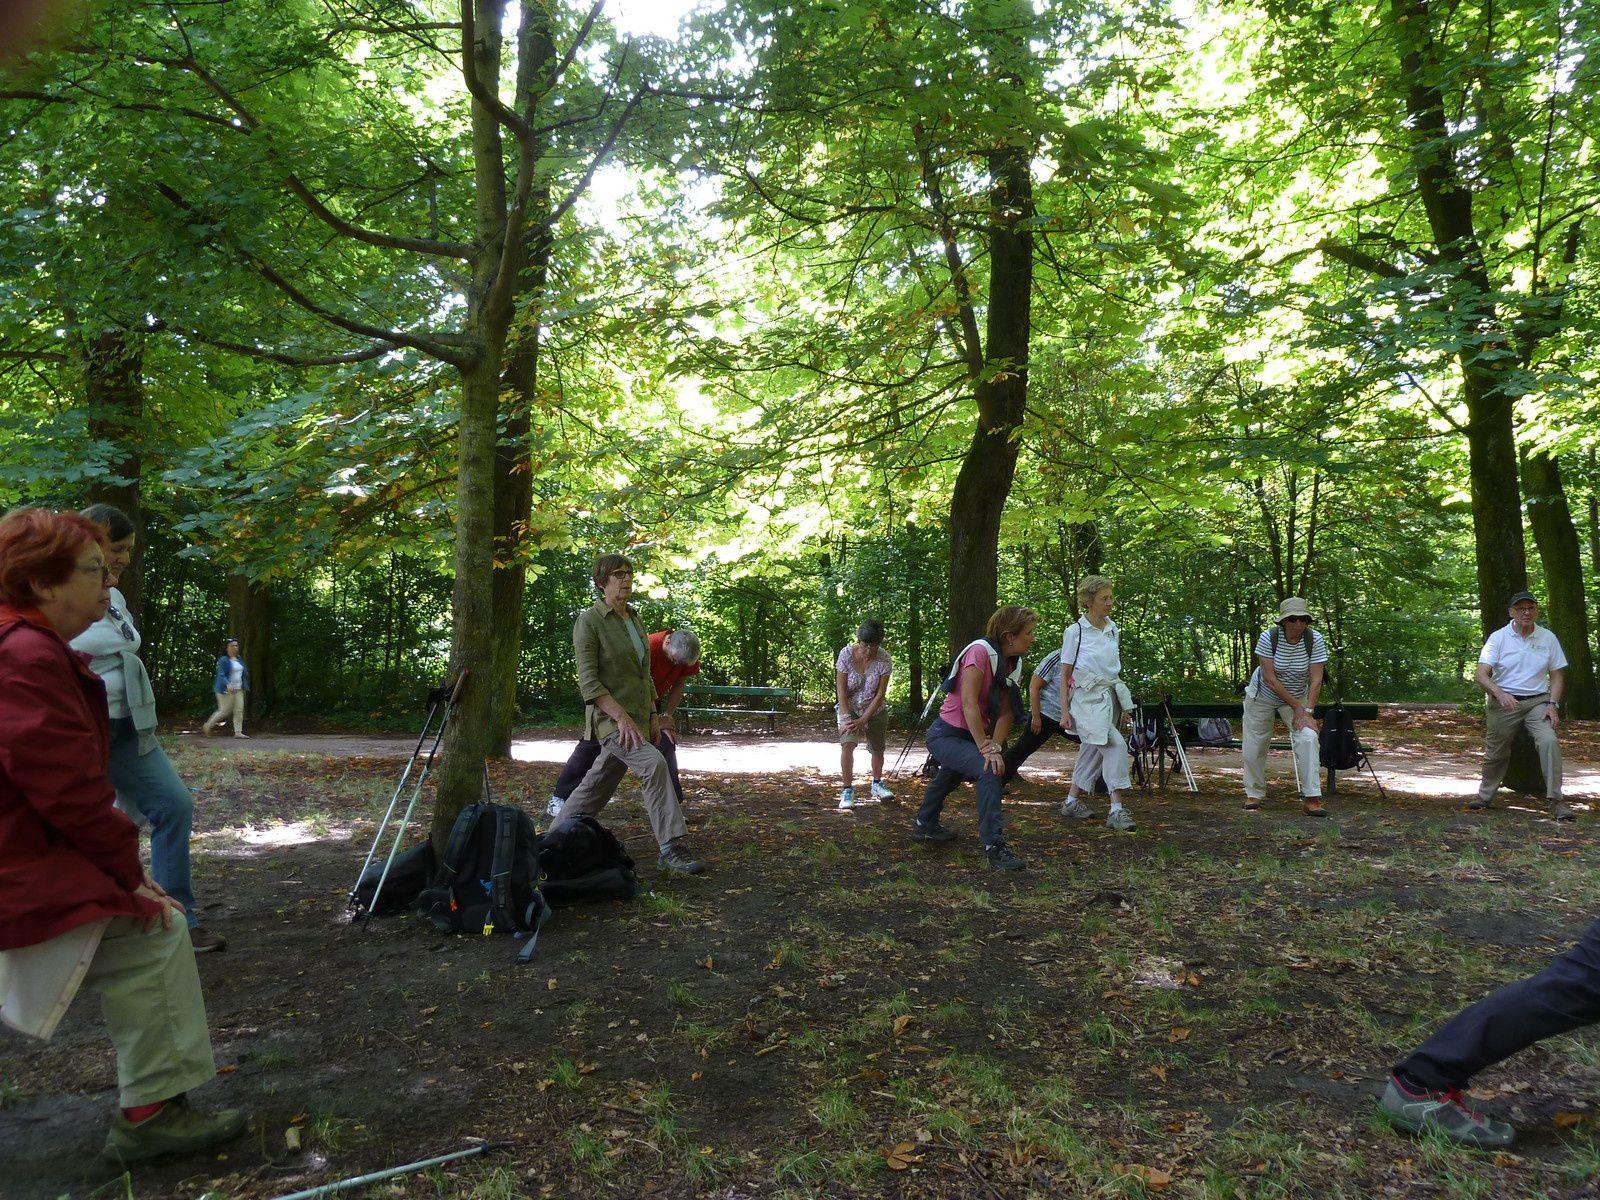 Marche Nordique au Bois de Vincennes - 7,3 km.